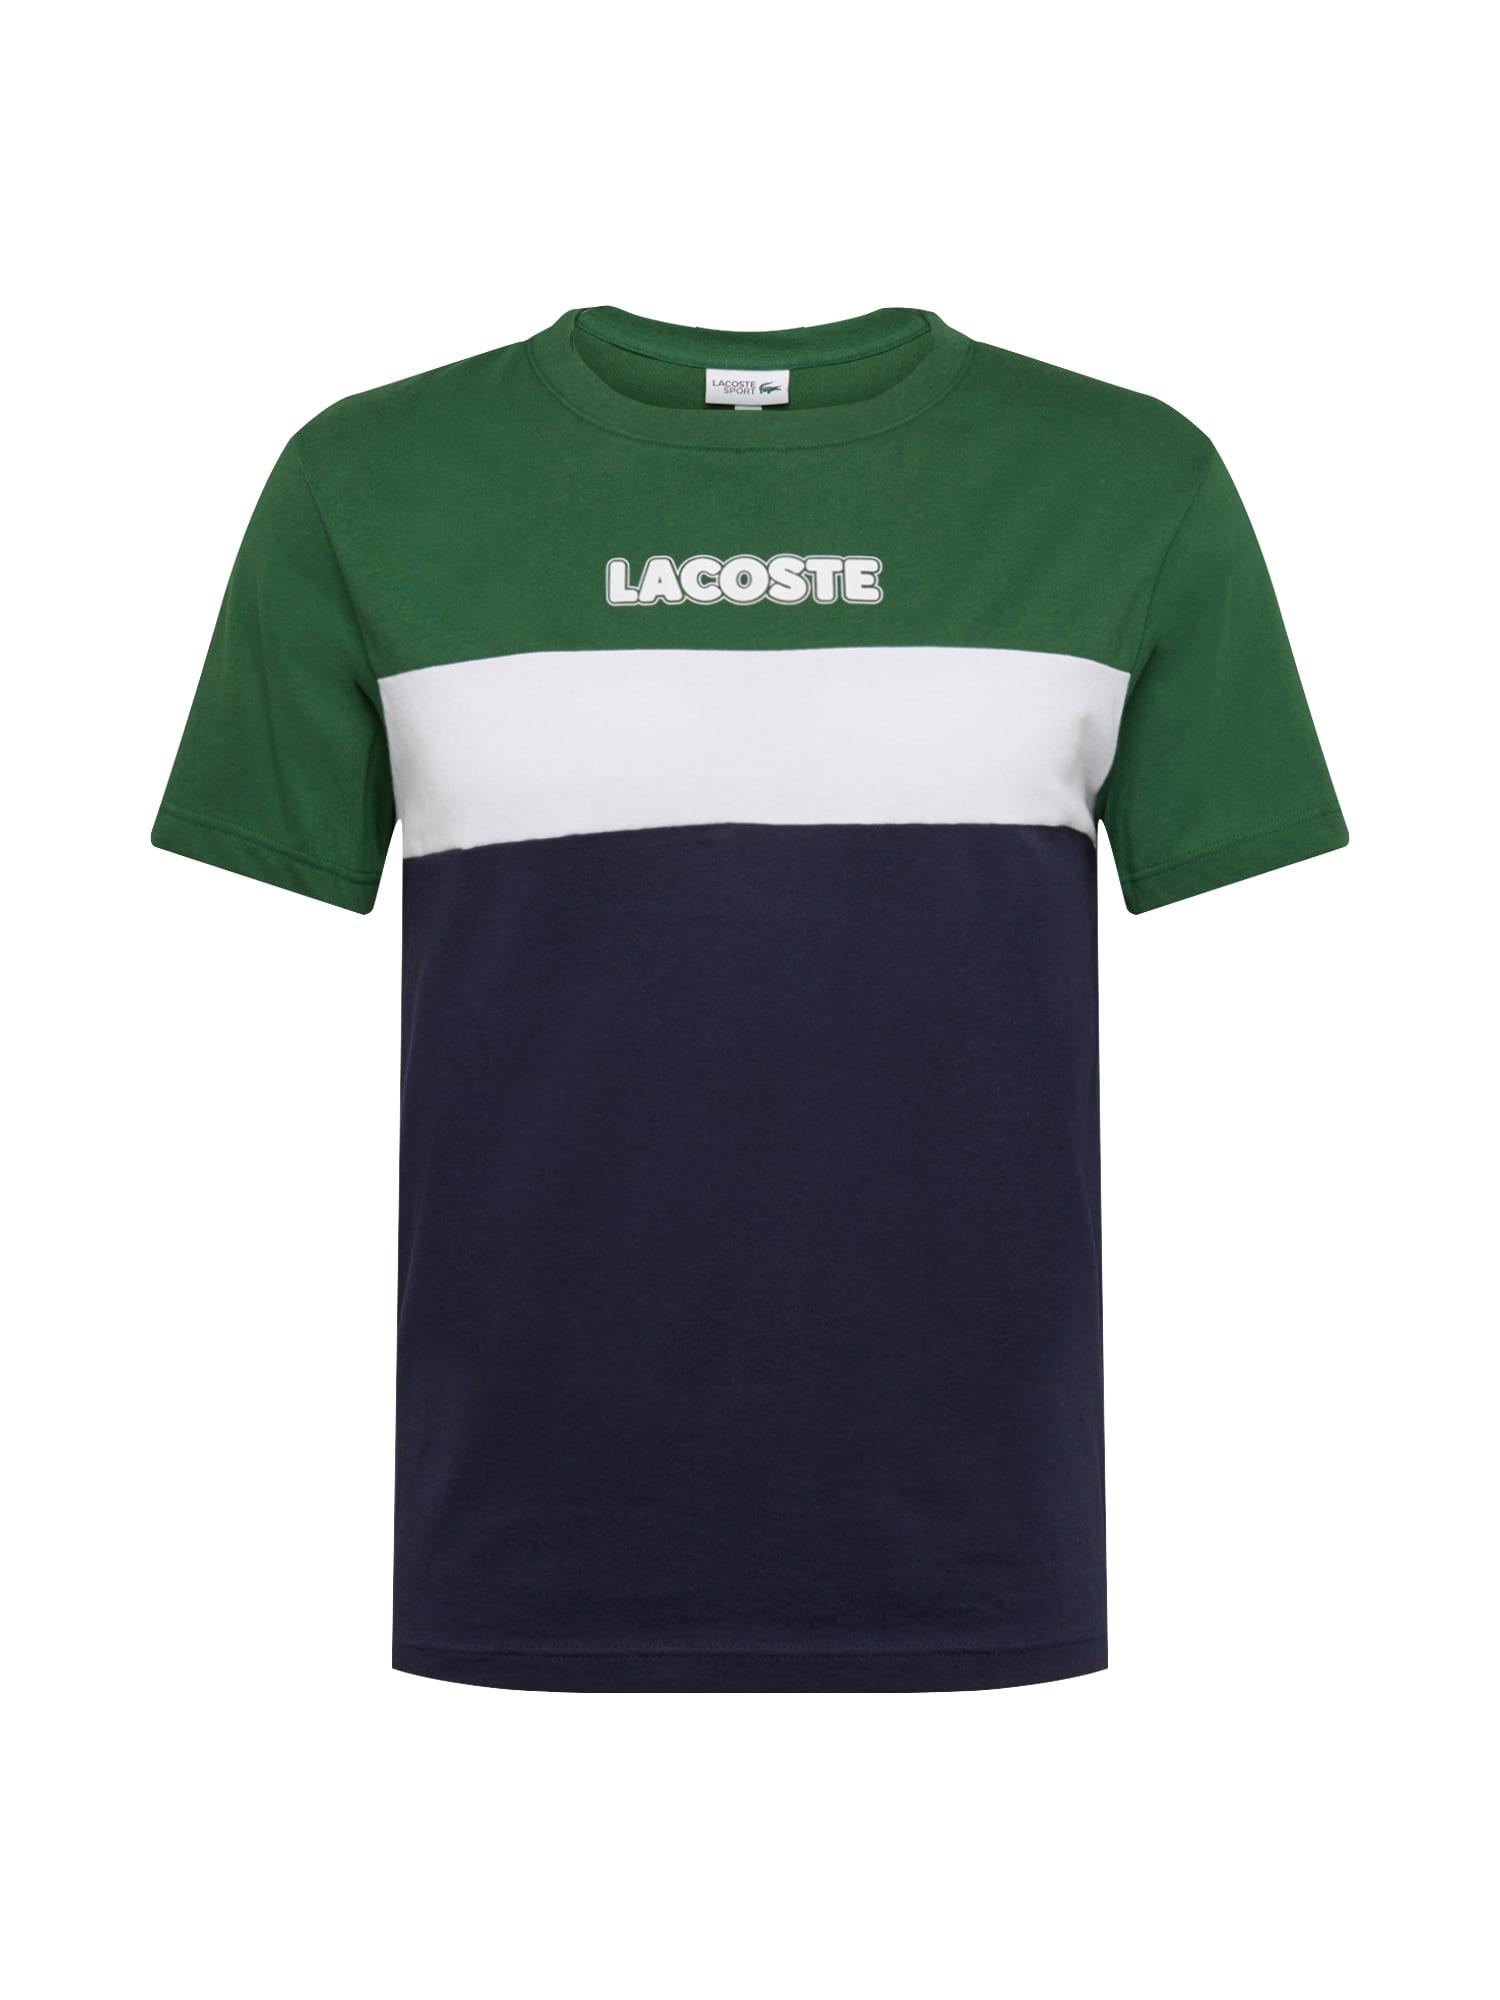 LACOSTE Marškinėliai balta / smaragdinė spalva / tamsiai mėlyna